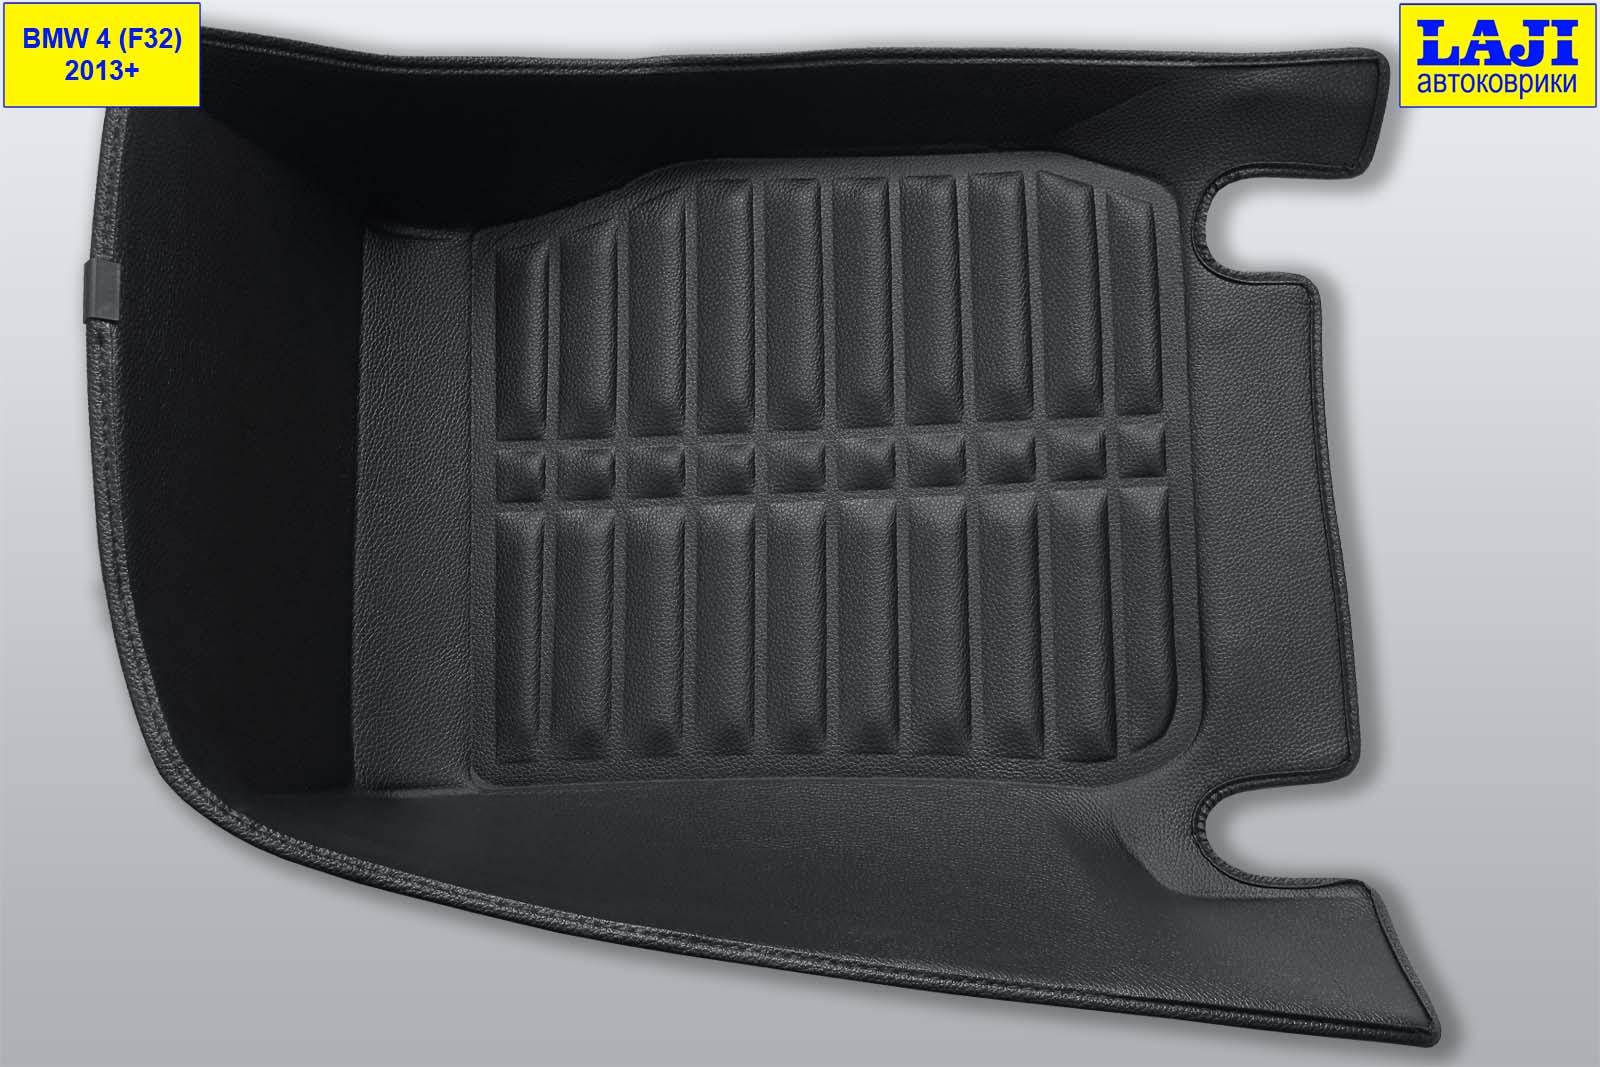 5D коврики в салон BMW 4 Coupe F32 2013-2020 5